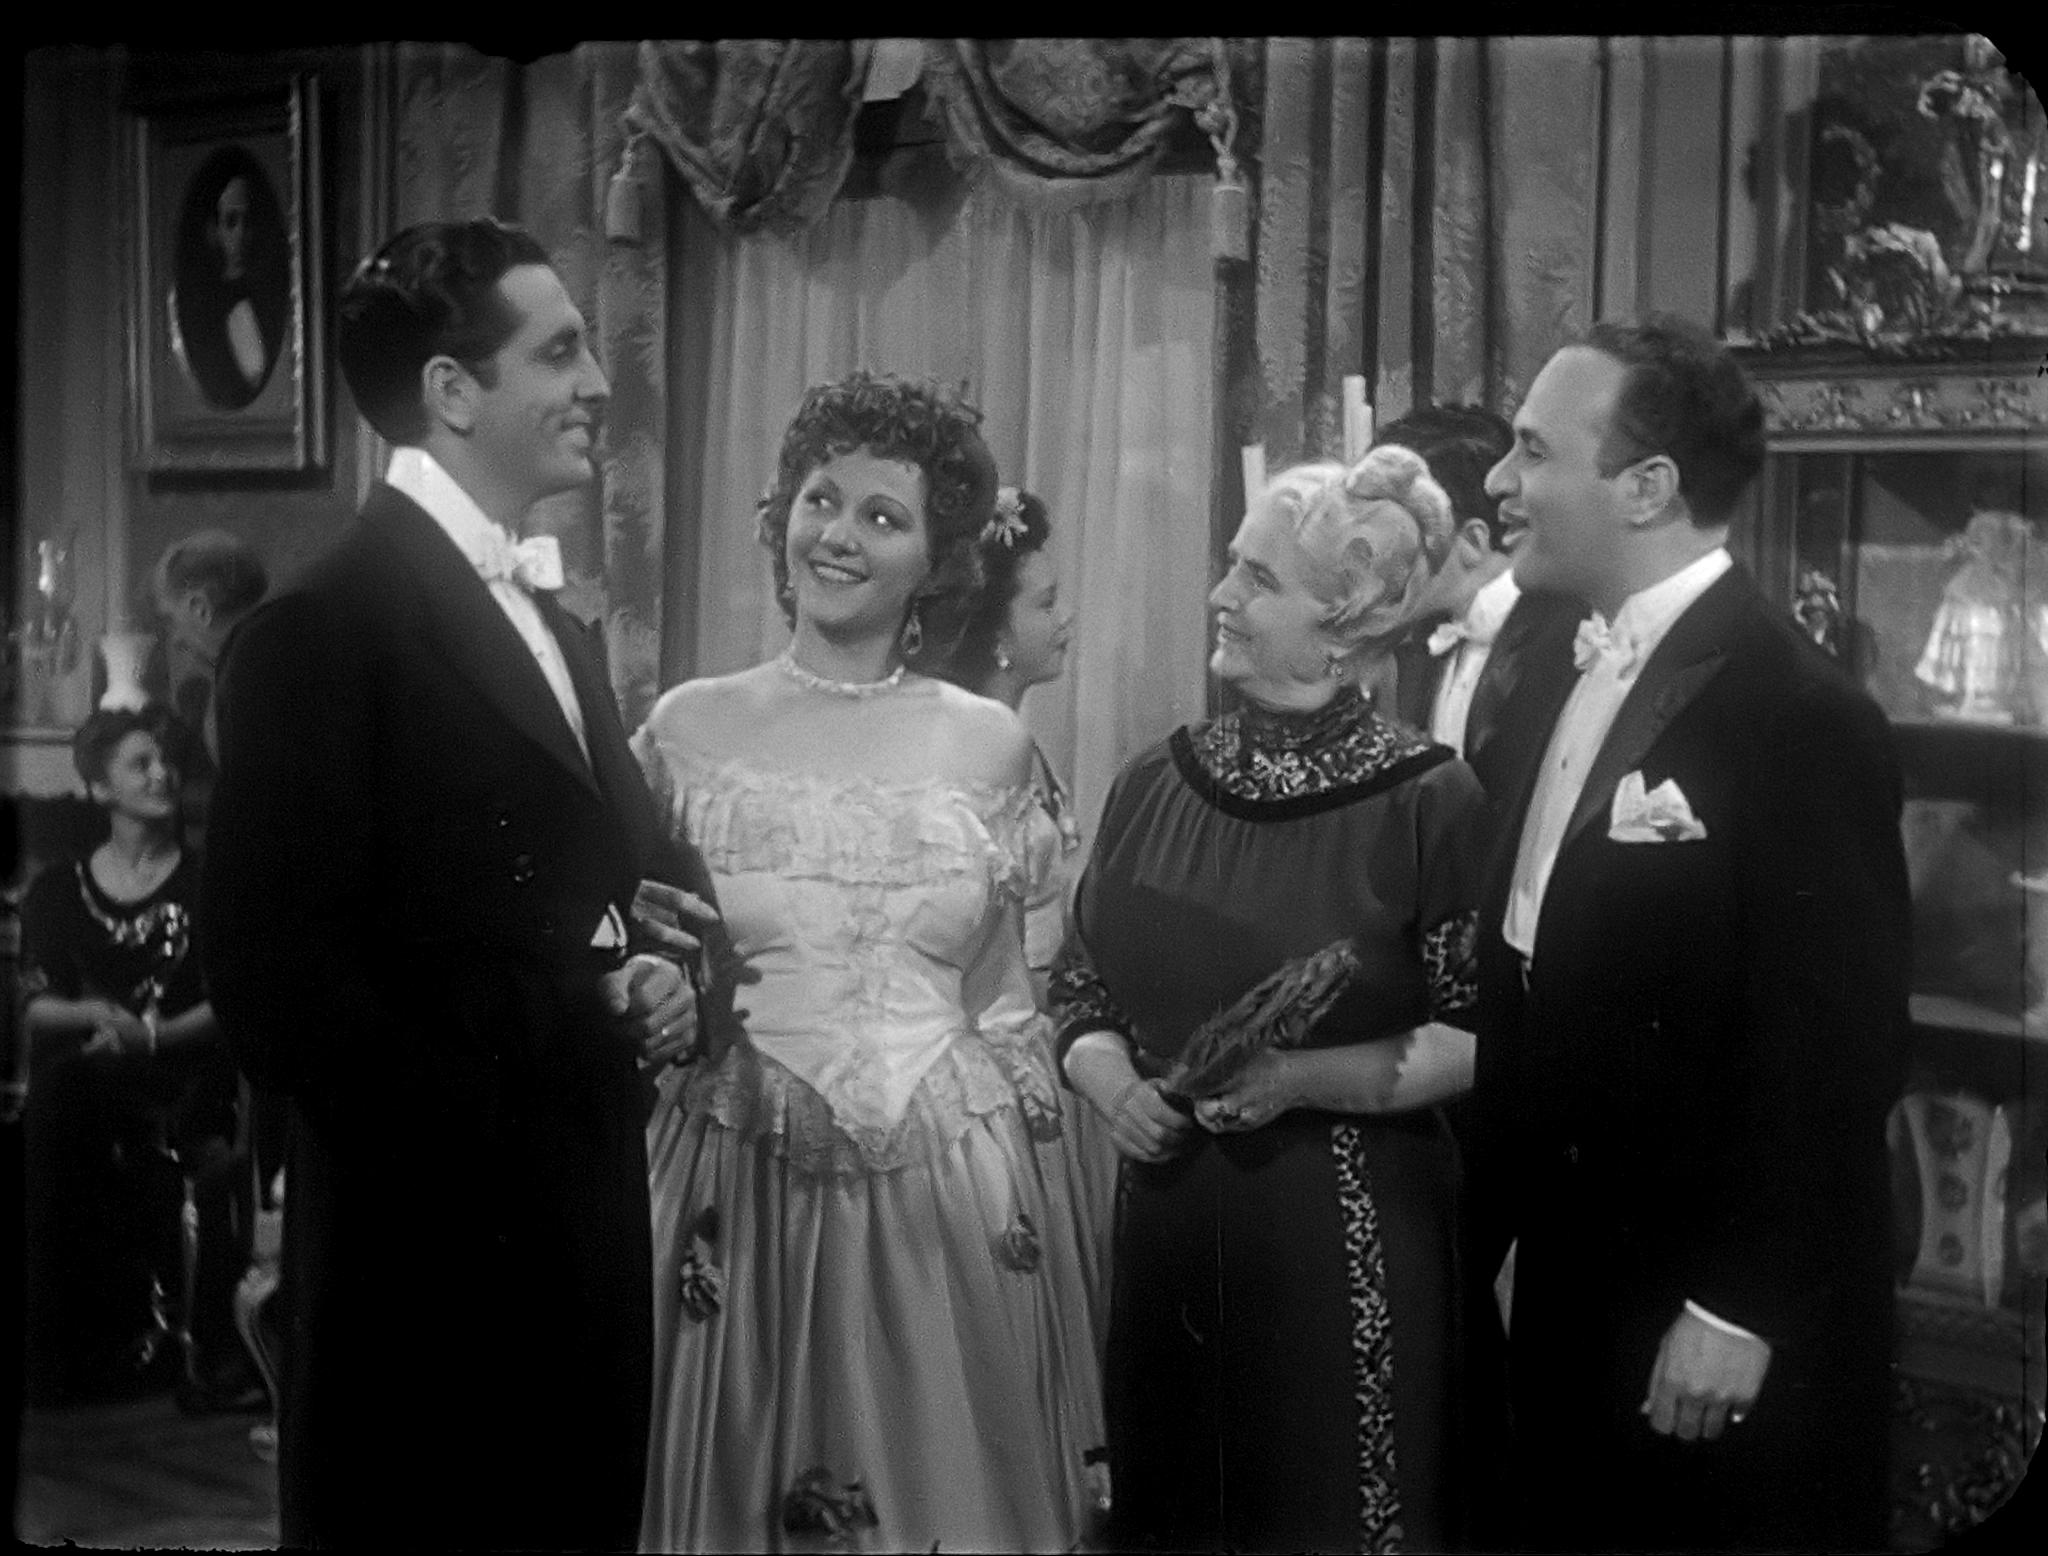 Luis Aldás, Dolores Camarillo, and Amparo Morillo in La mujer que engañamos (1945)